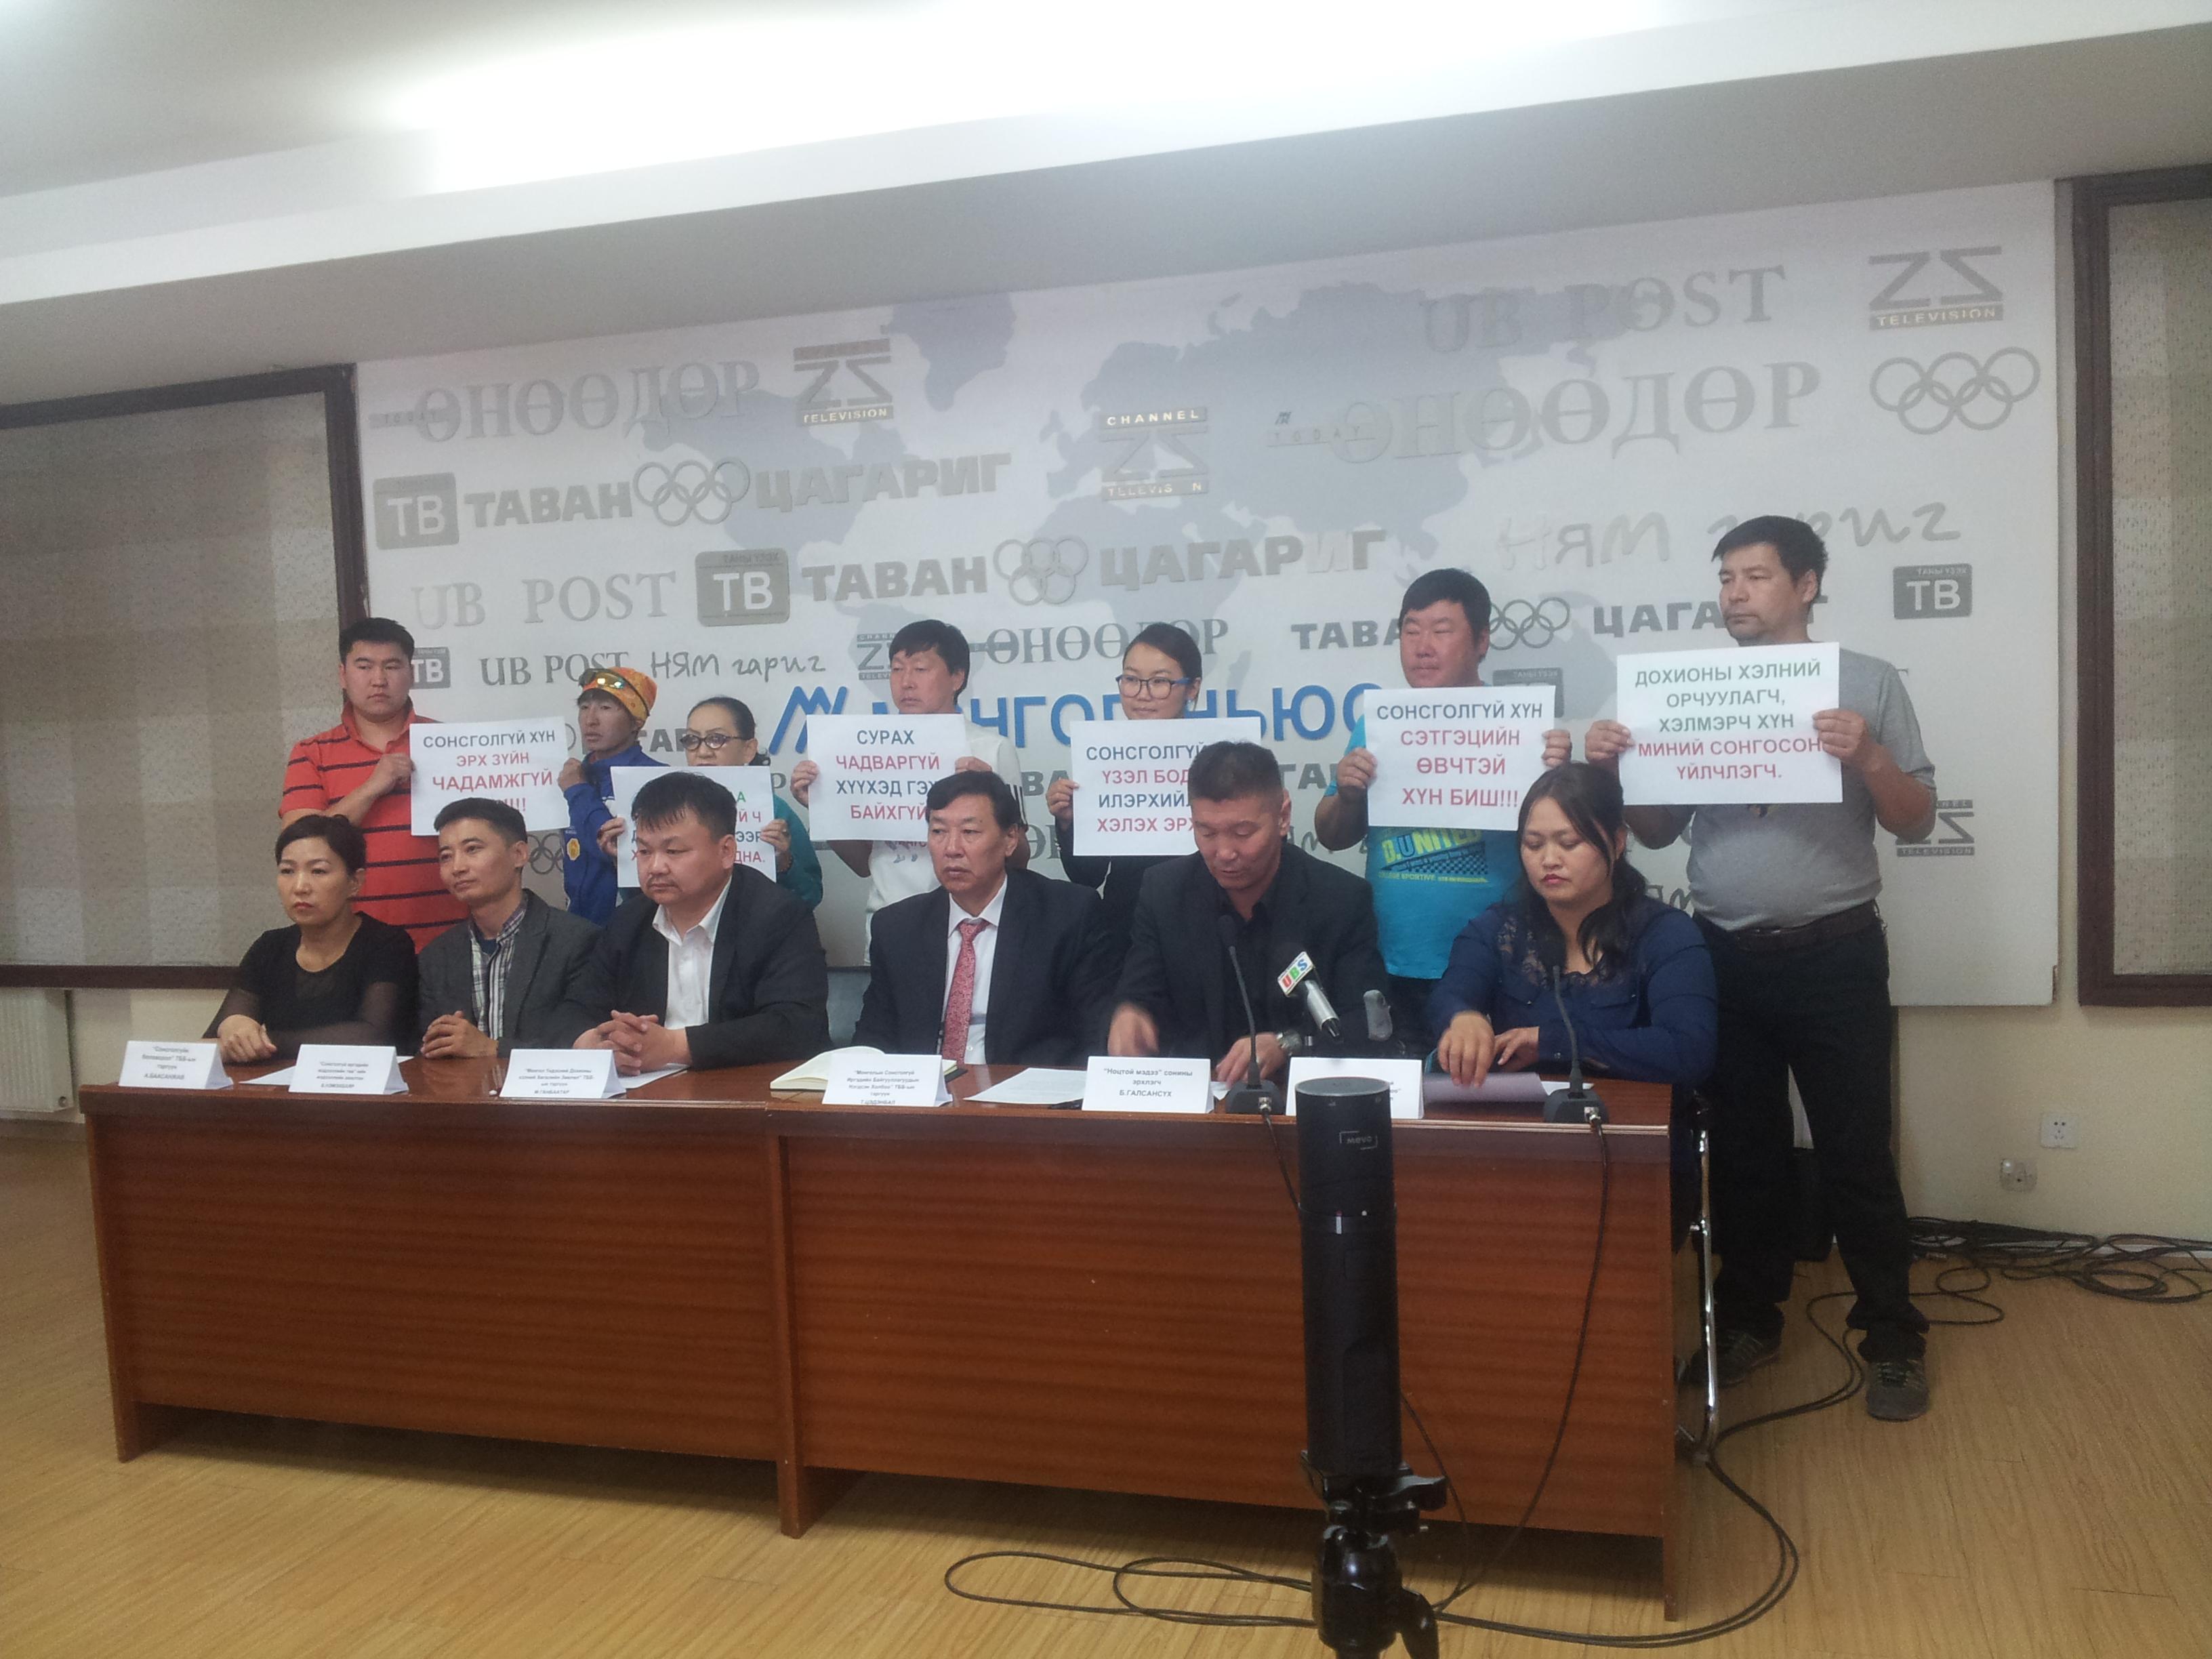 29 дүгээр сургуулийн хүүхдийн эрхийг хамгаалах өмгөөлөгч, хуульчдыг хамтран ажиллахыг уриаллаа